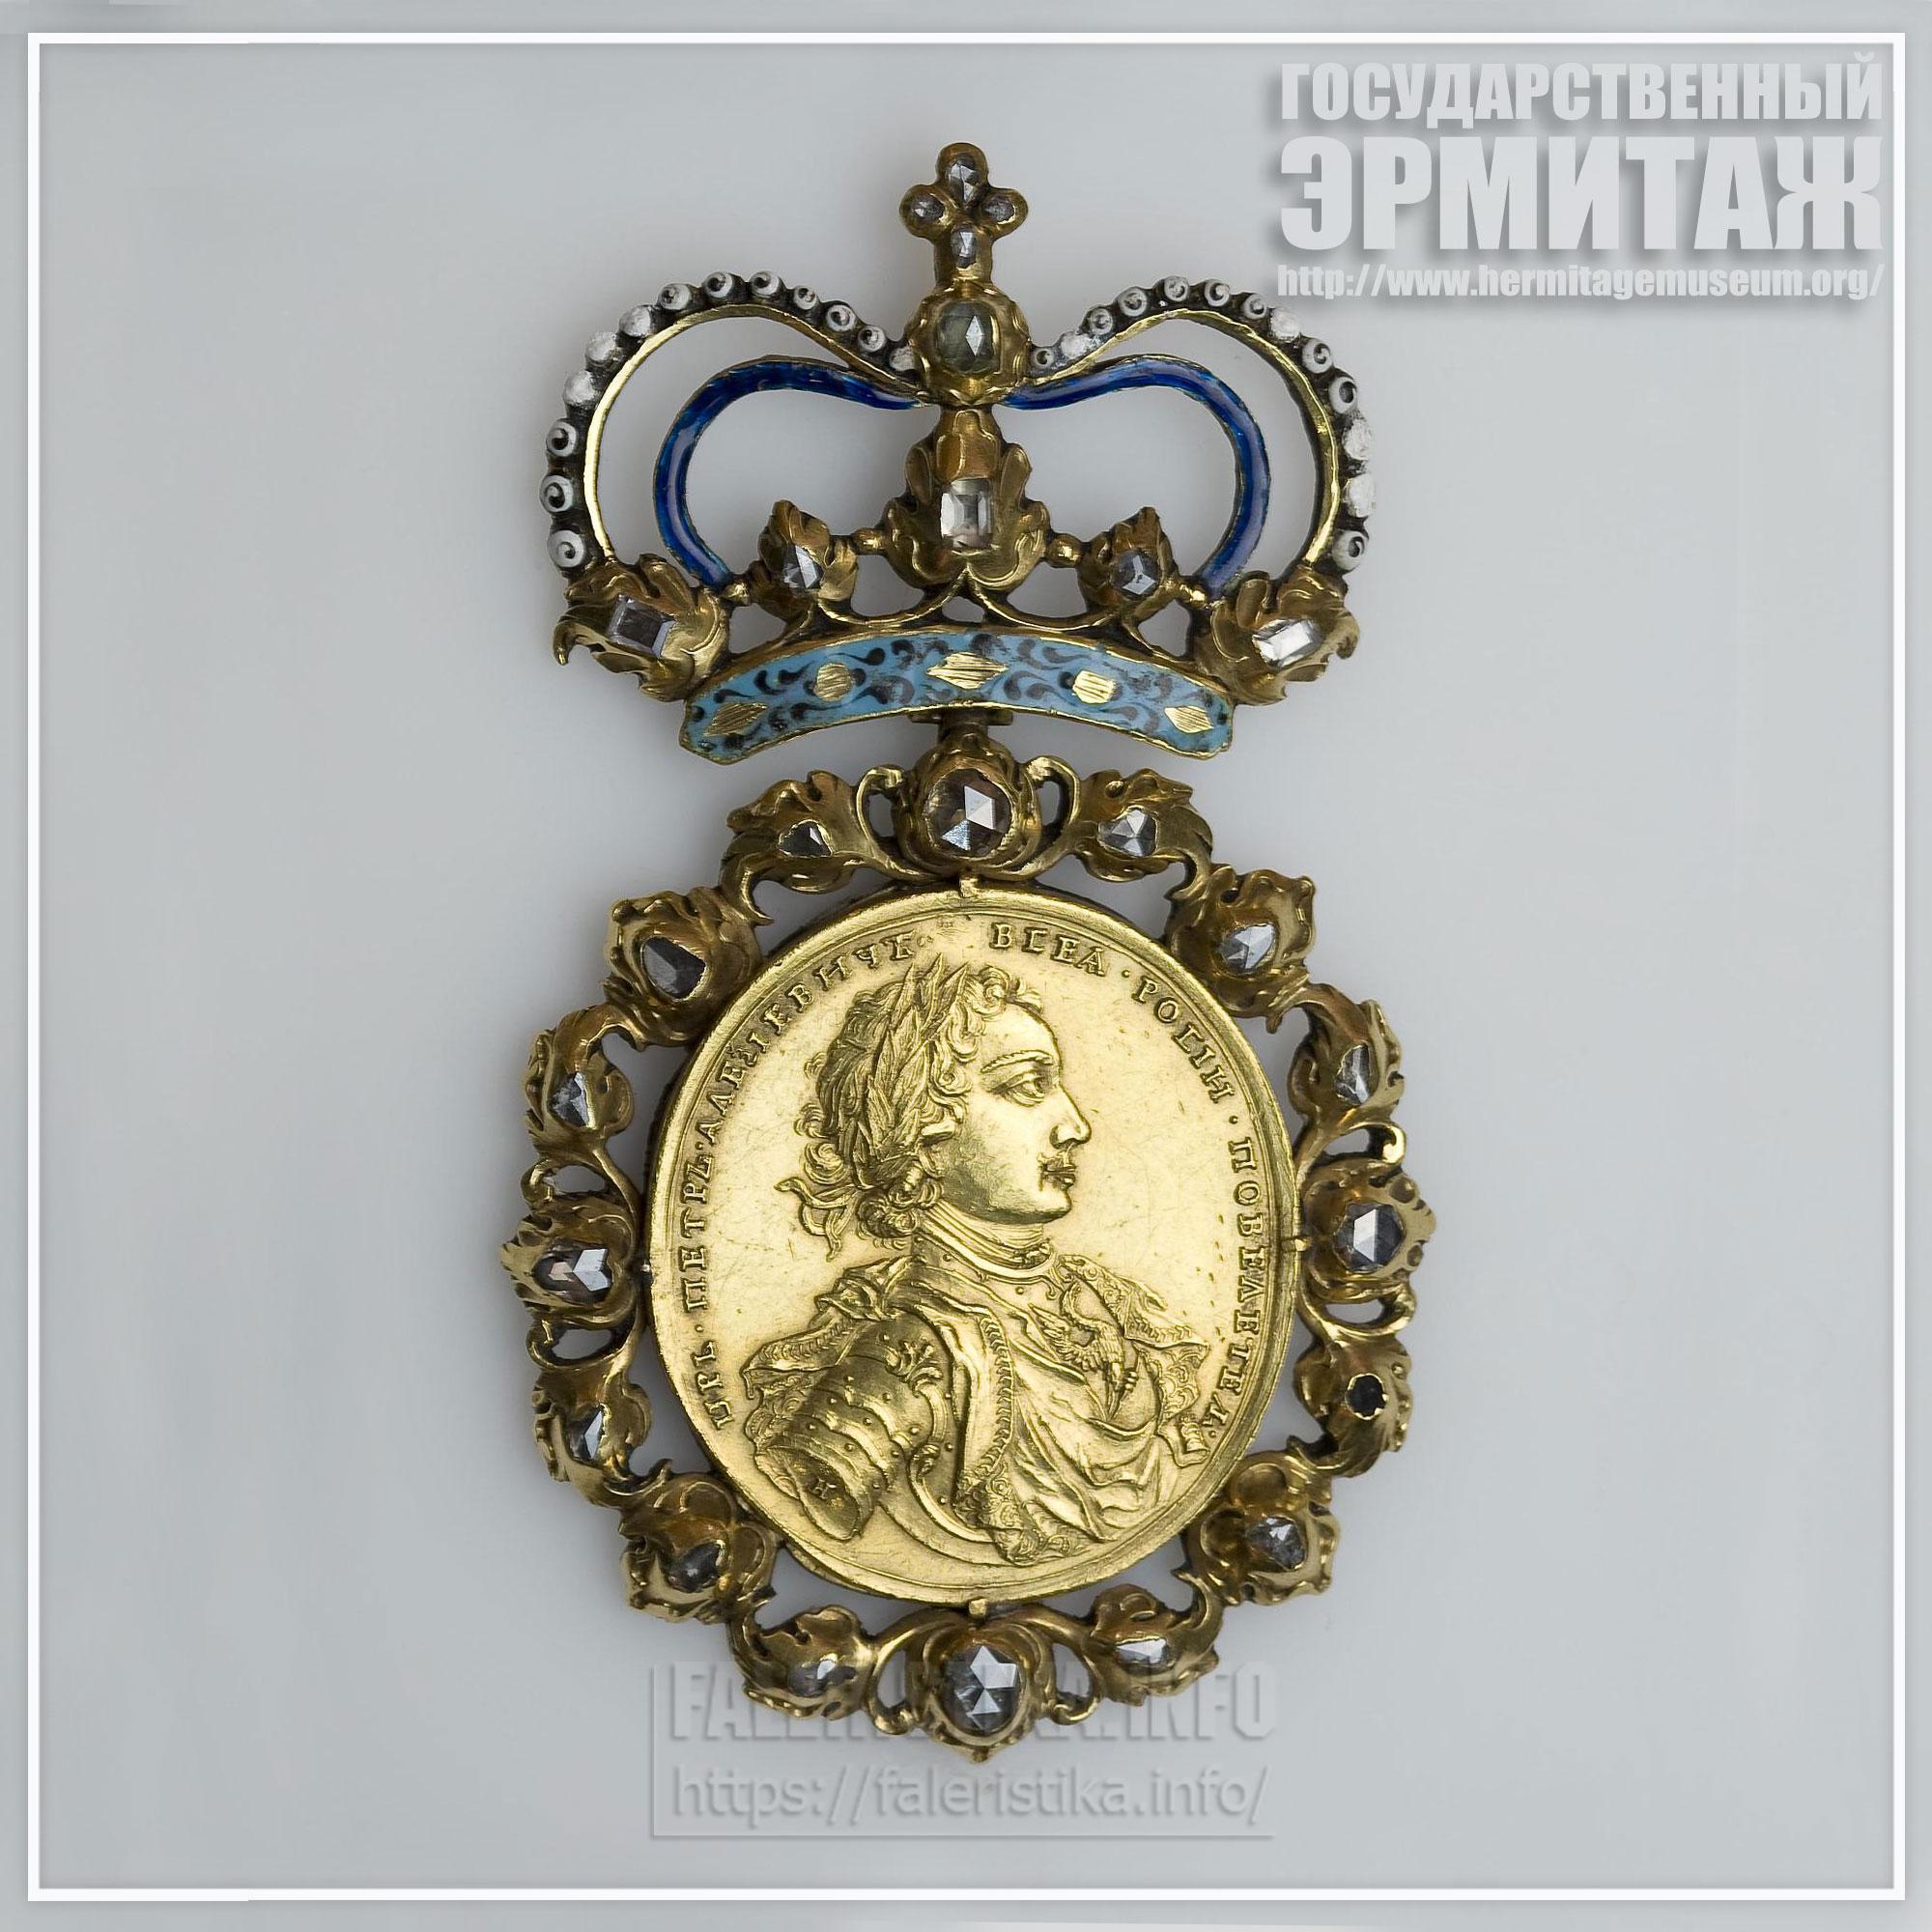 Наградная медаль для полковников за сражение при Калише в 1706 г